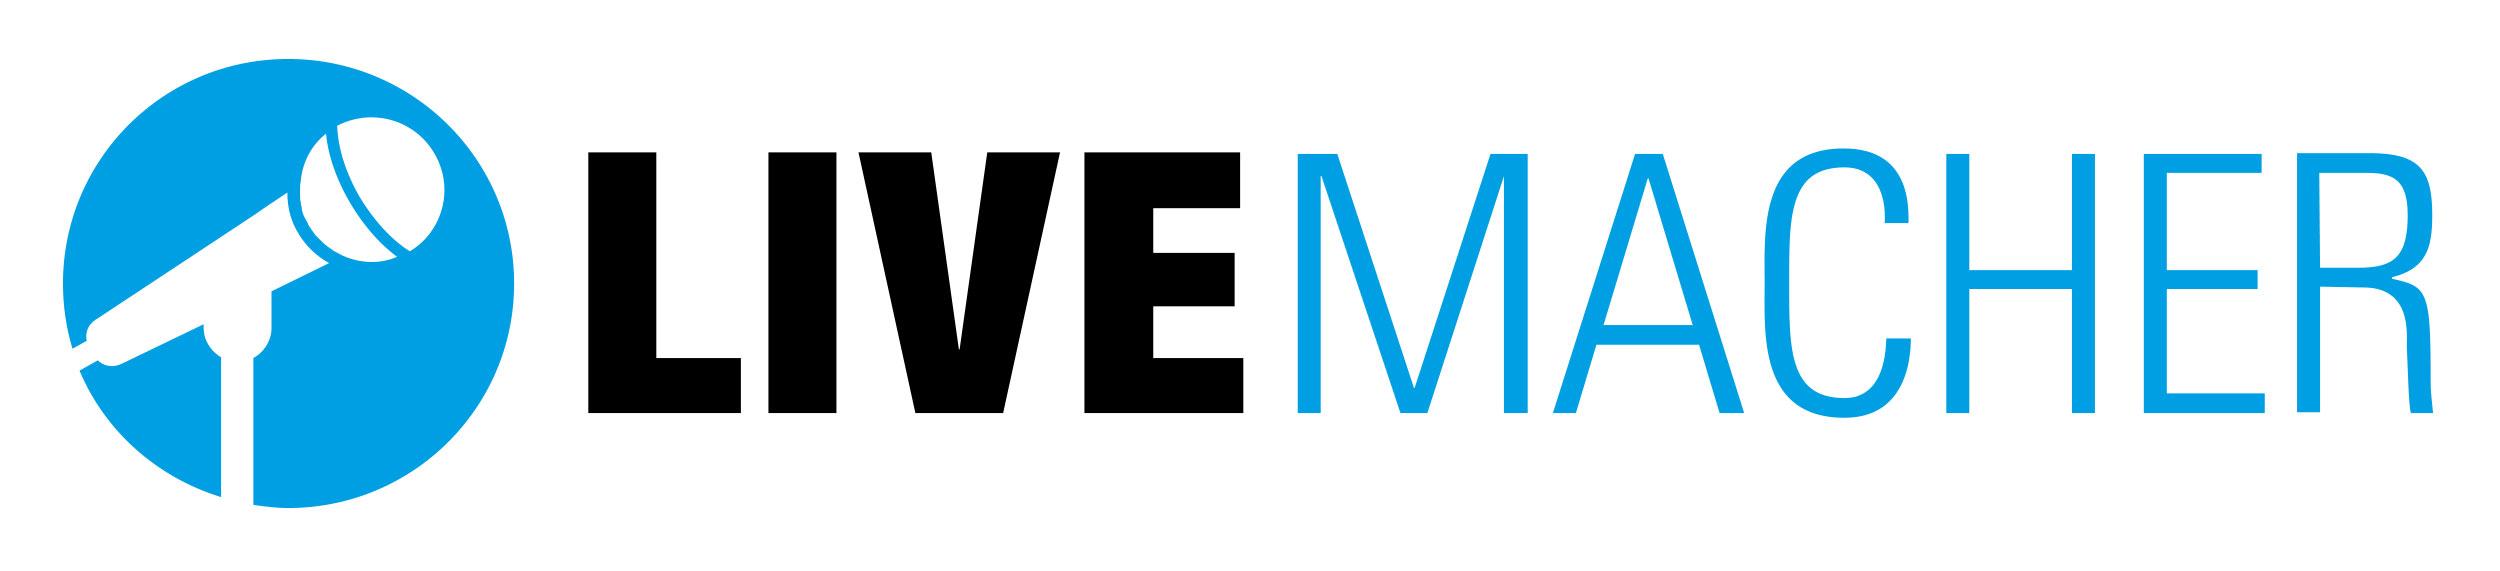 Logo der Livemacher GmbH